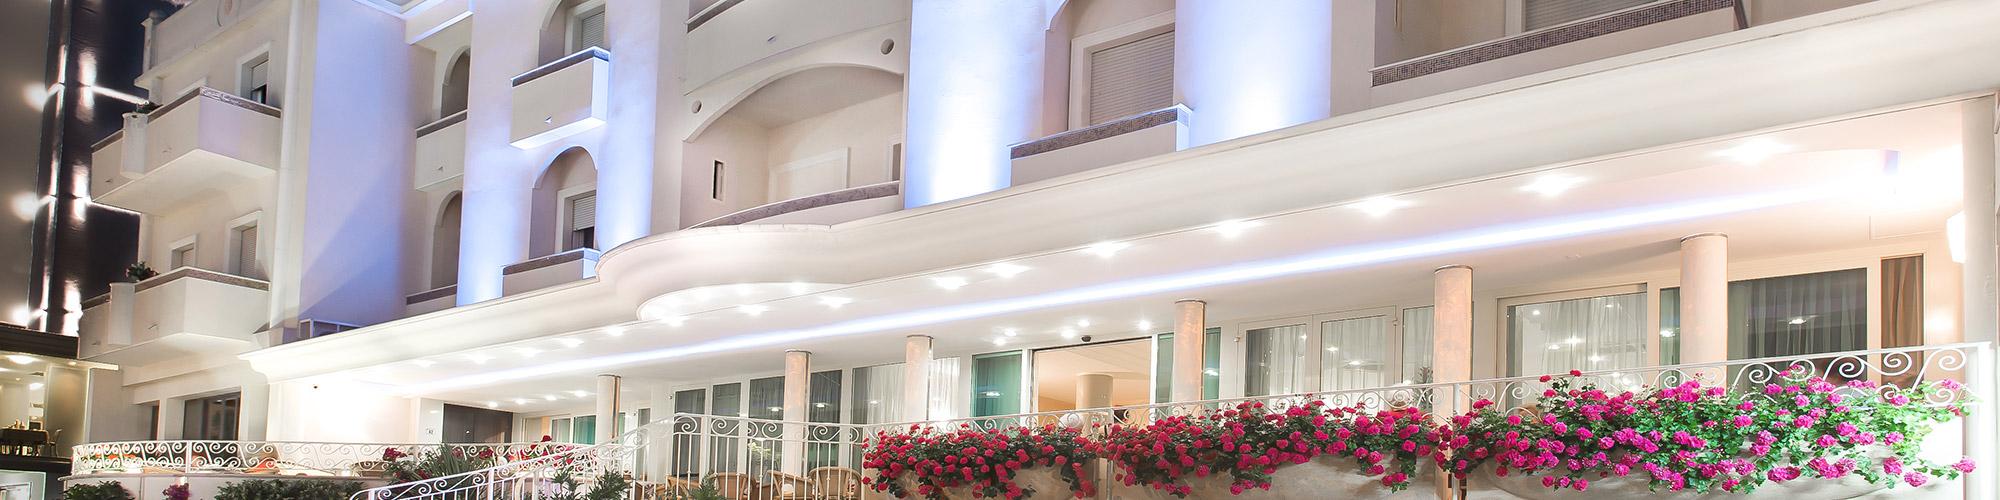 Tonelli Design Listino Prezzi.Hotel 3 Stelle Gatteo Mare Hotel Continental